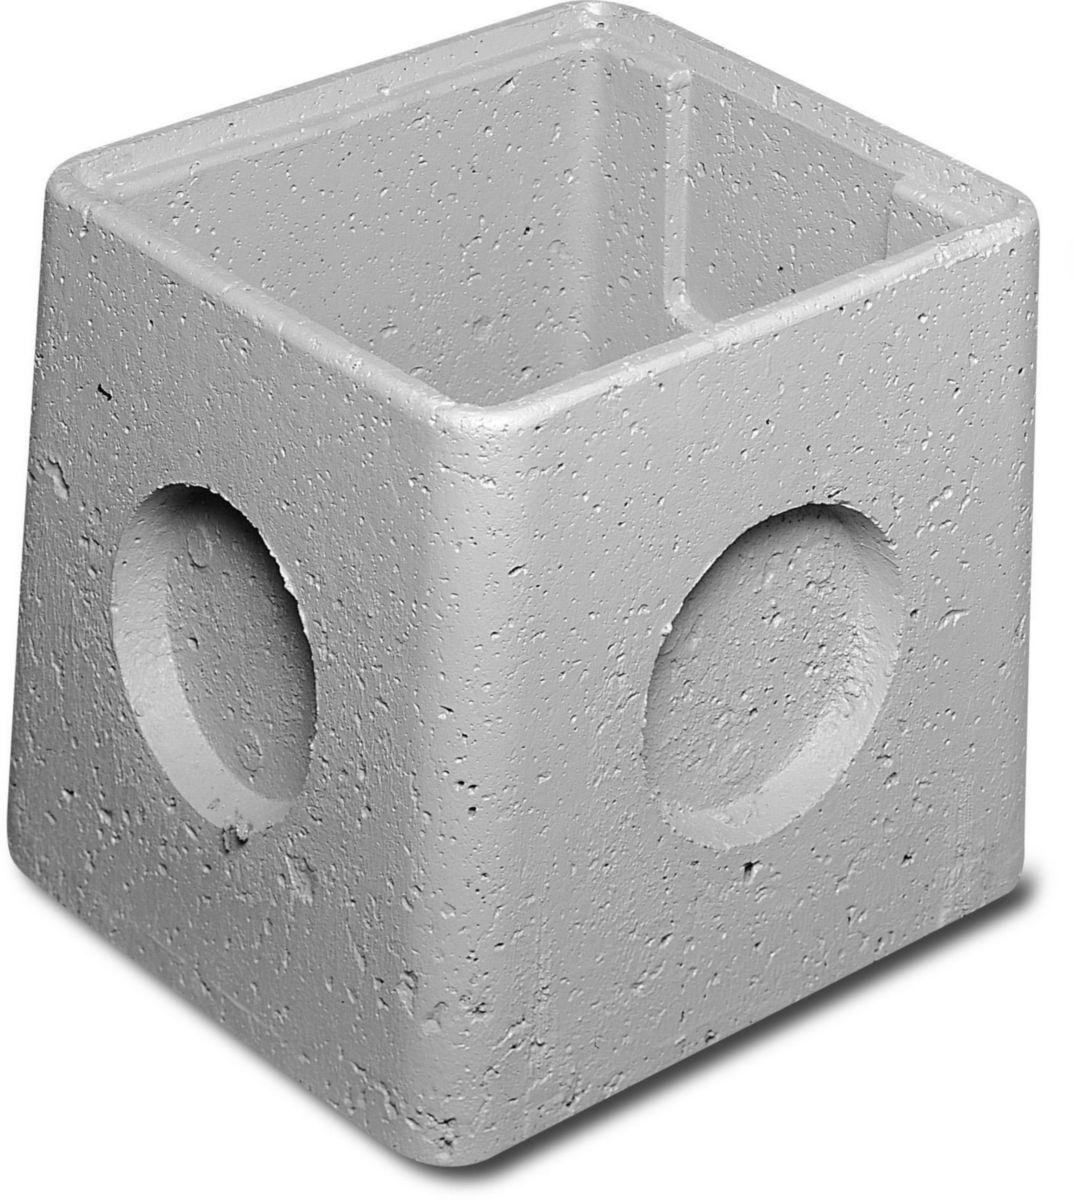 Legouez regard b ton avec embo tement rm 30 30x30x29 - Rehausse chambre de visite beton ...